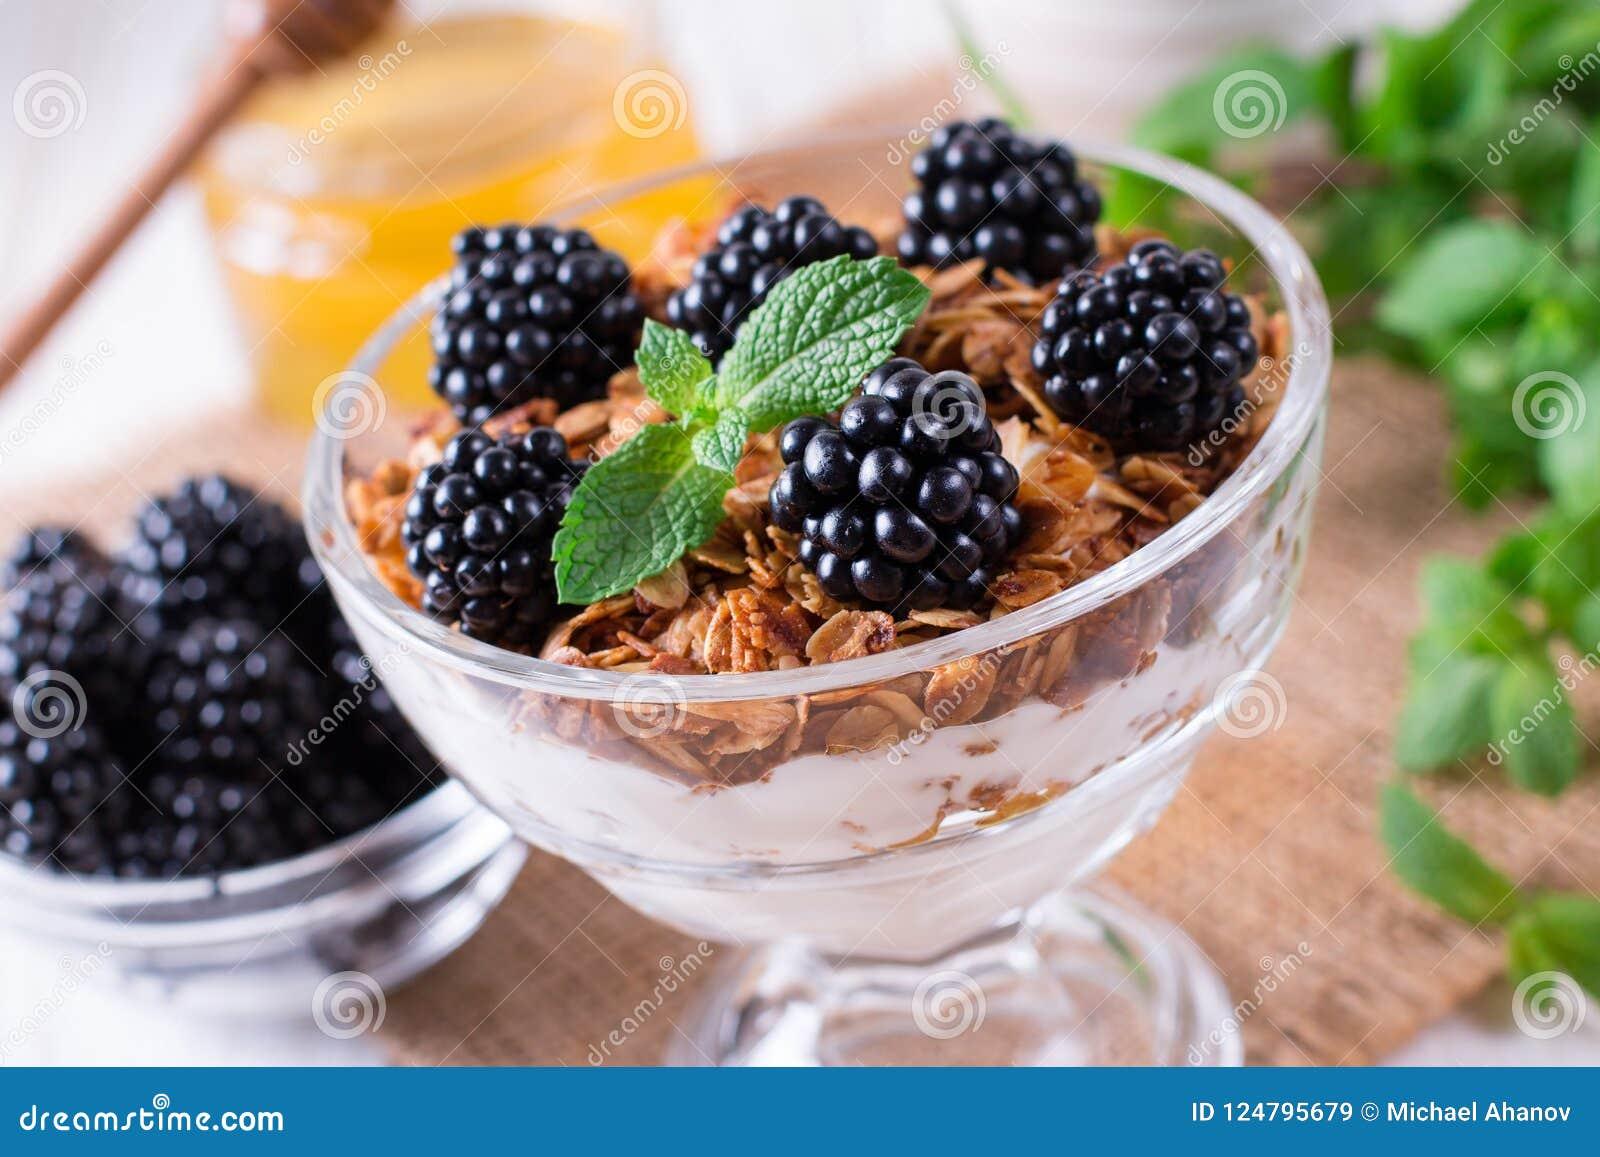 Zdrowy śniadanie z, jogurt z muesli, czernicy, i